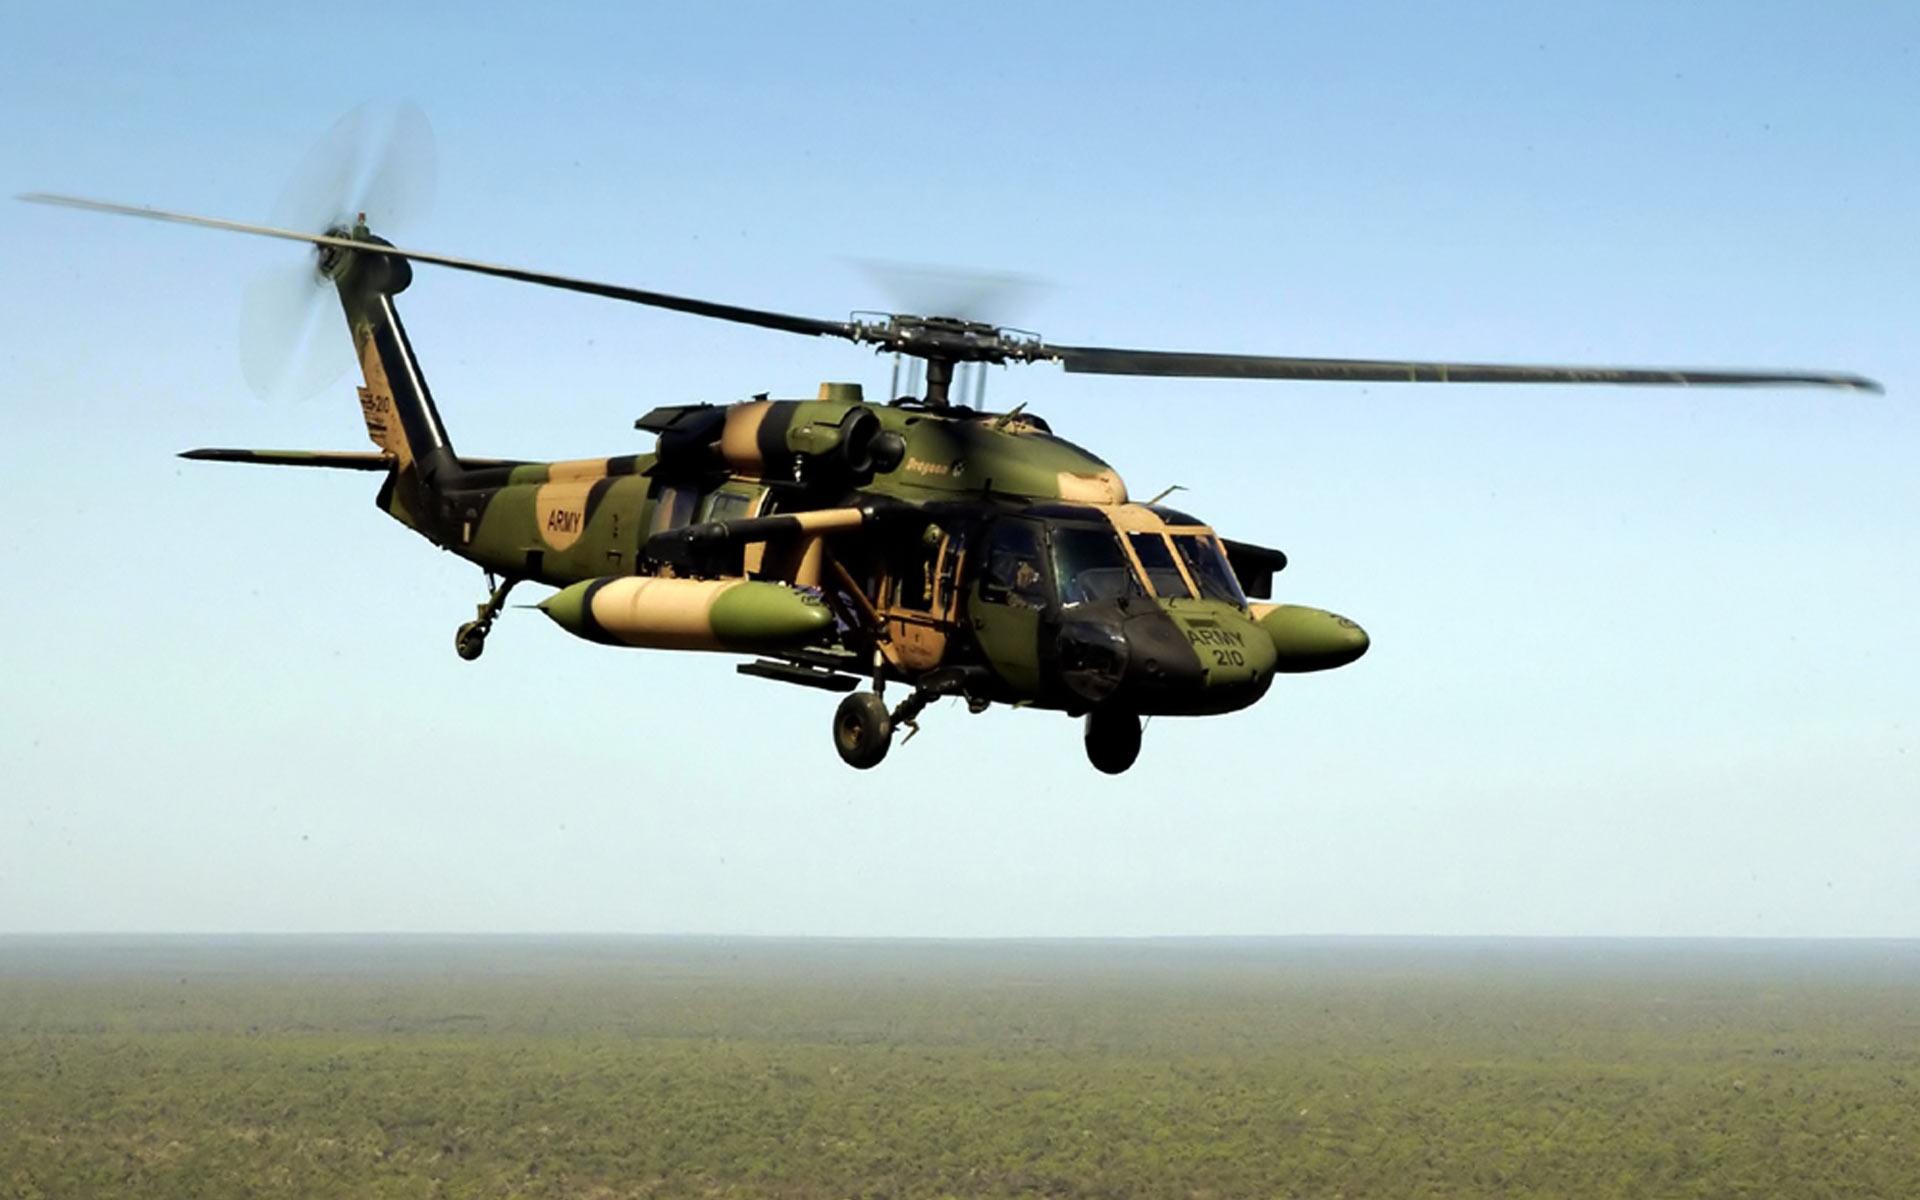 Aircraft Motors Black Hawk Helicopter 176290 Wallpaper wallpaper